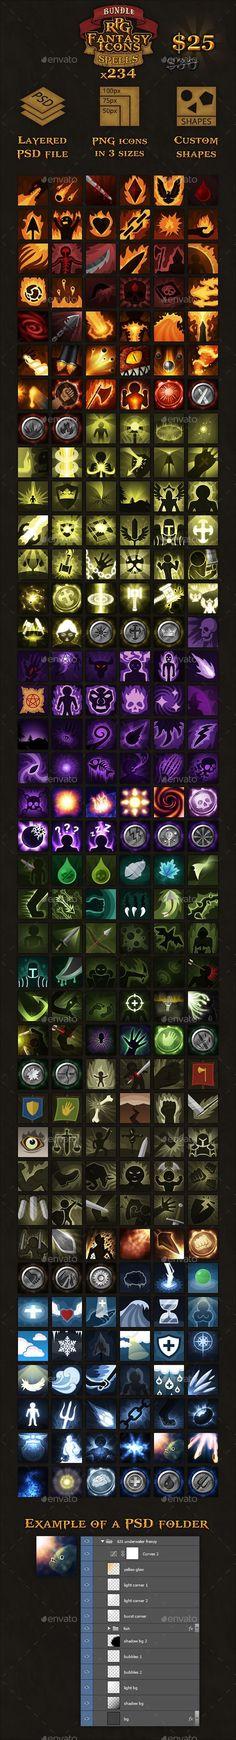 234 RPG Fantasy Spel...